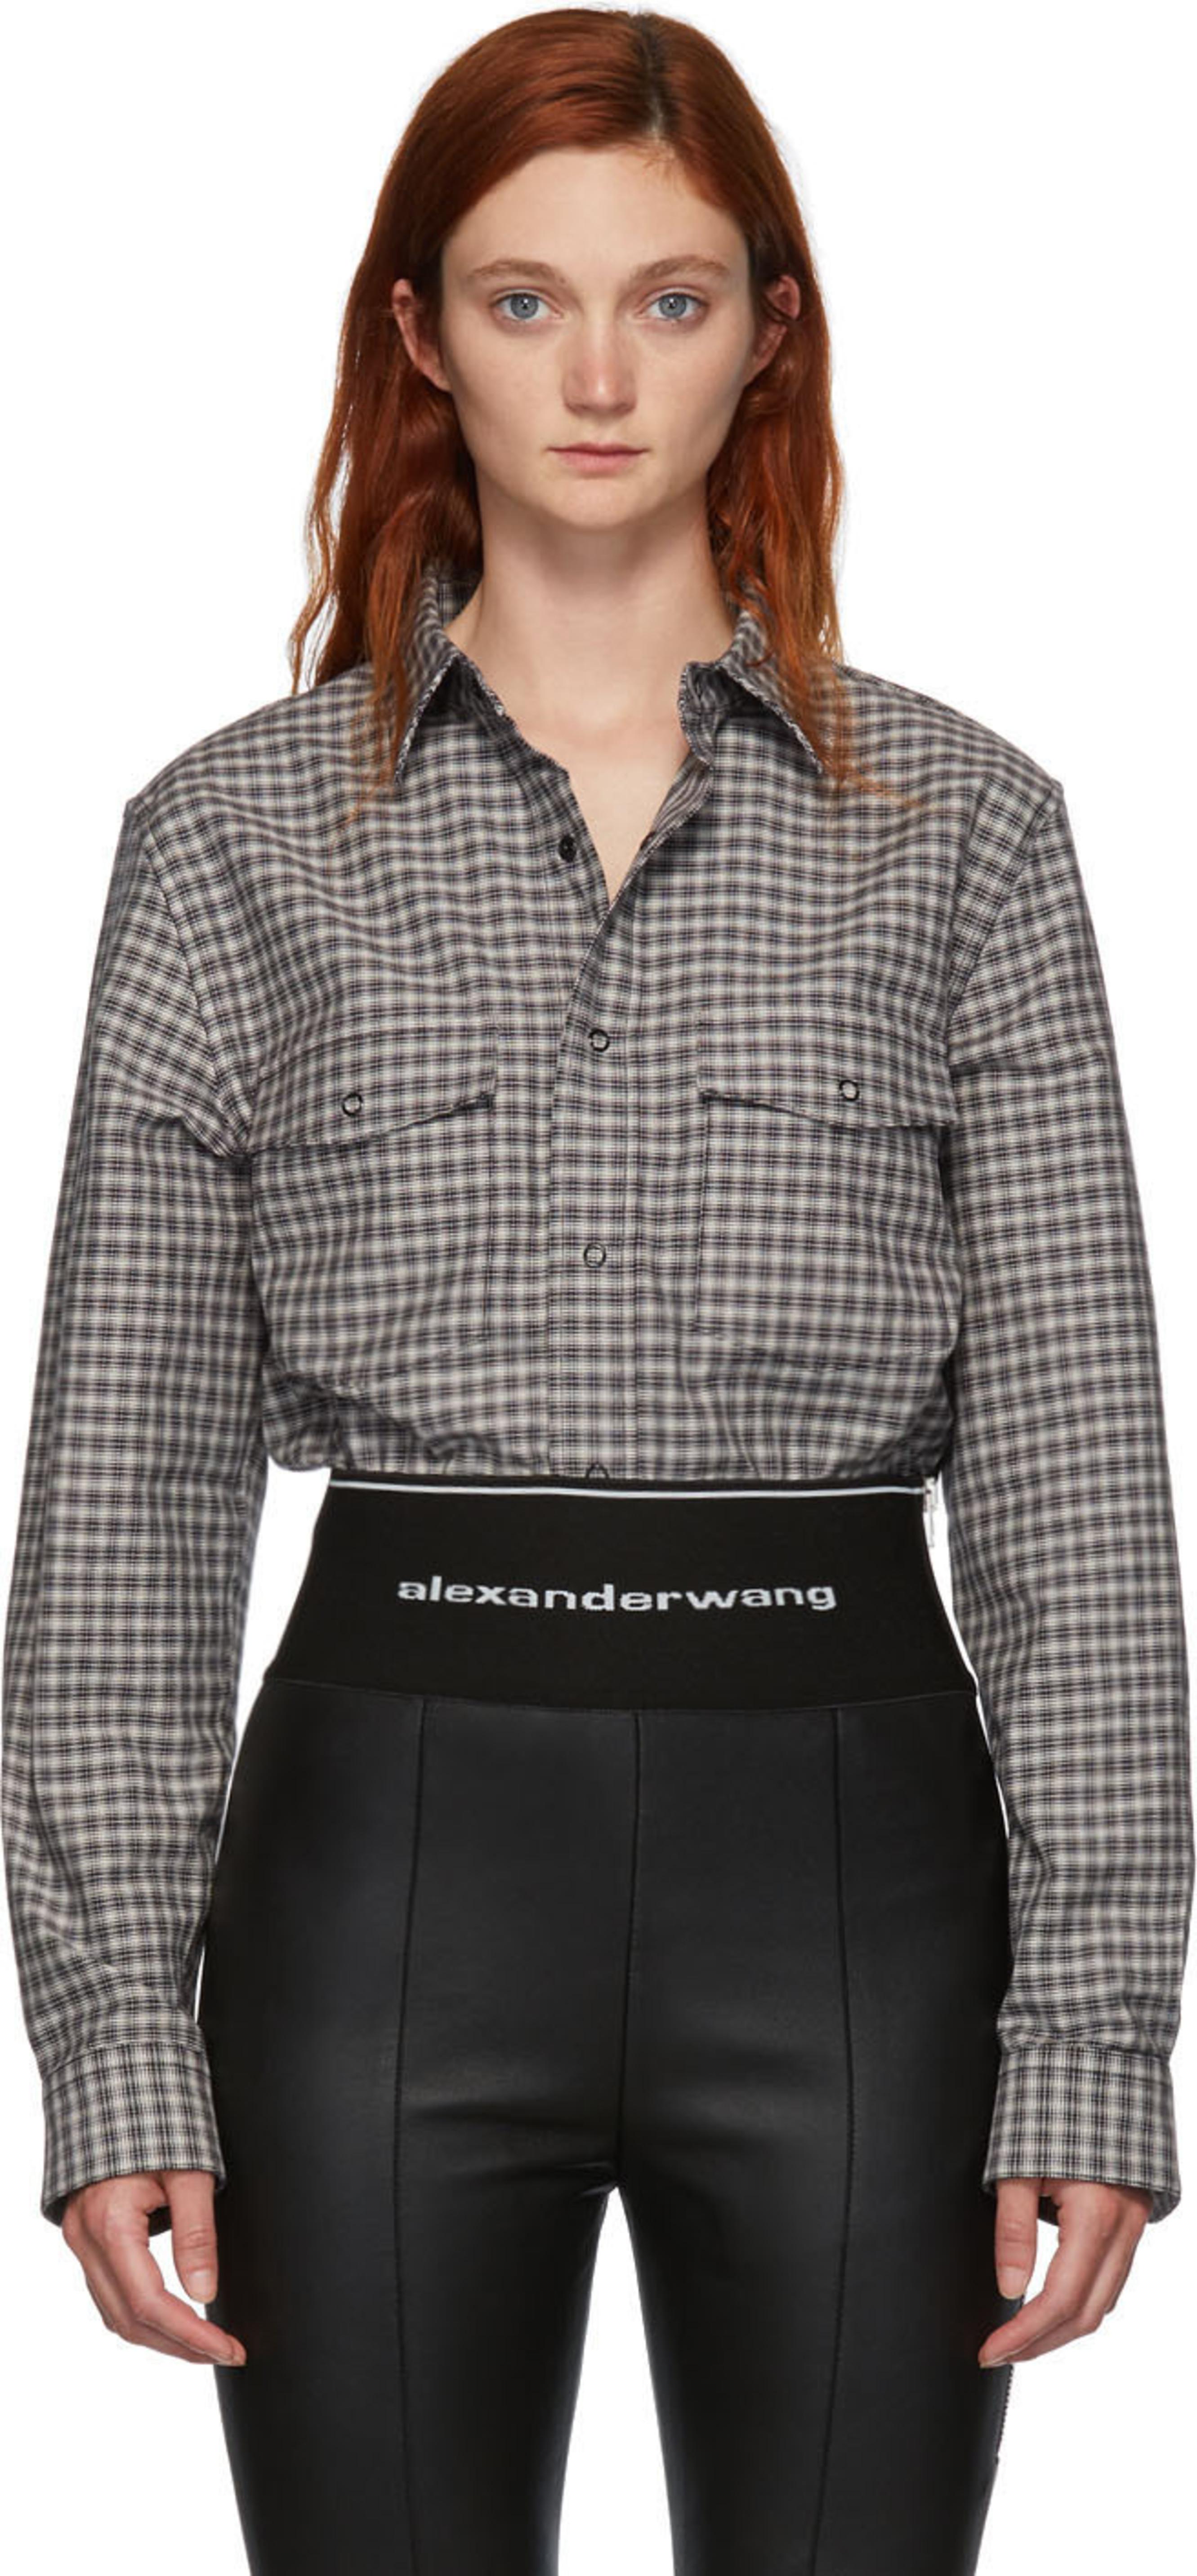 5f8b3e3765 Alexander Wang for Women SS19 Collection | SSENSE